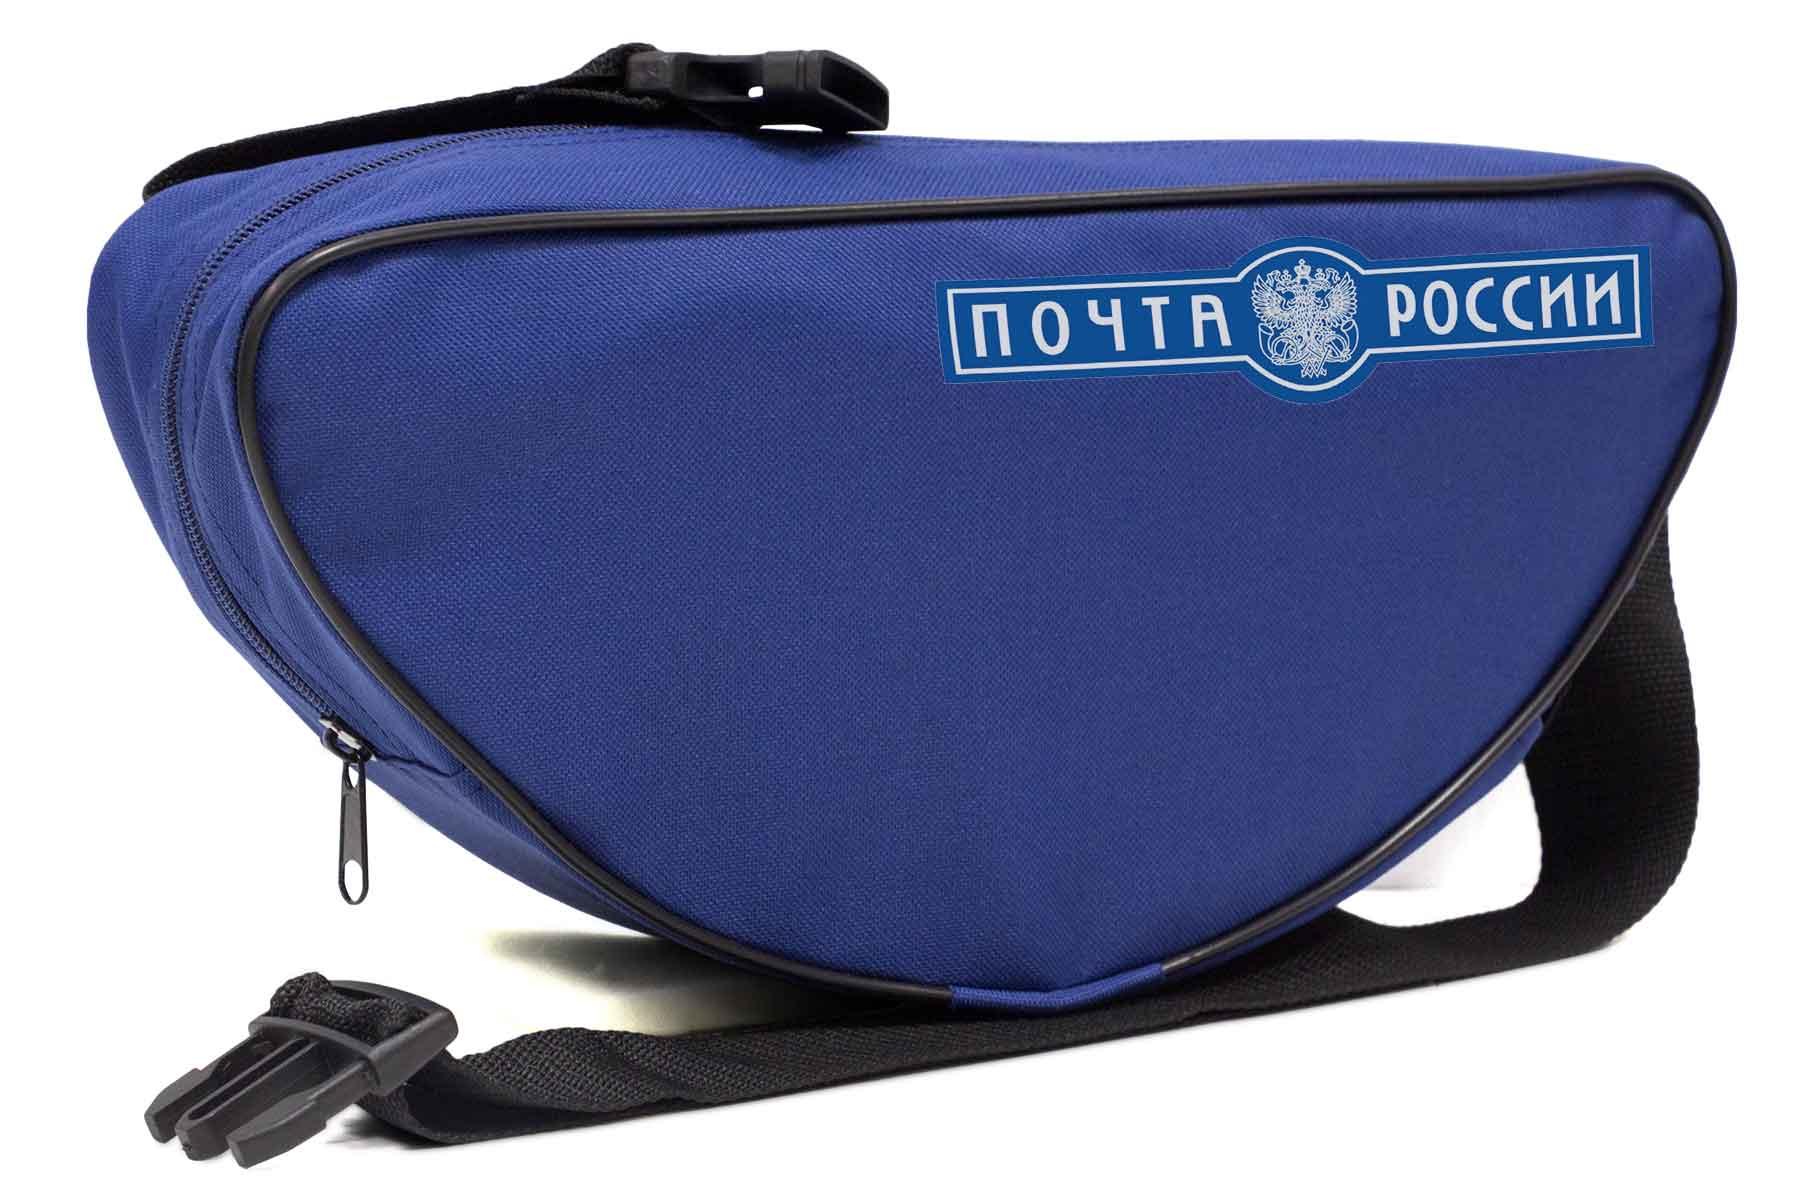 сумка почтальона купить в москве